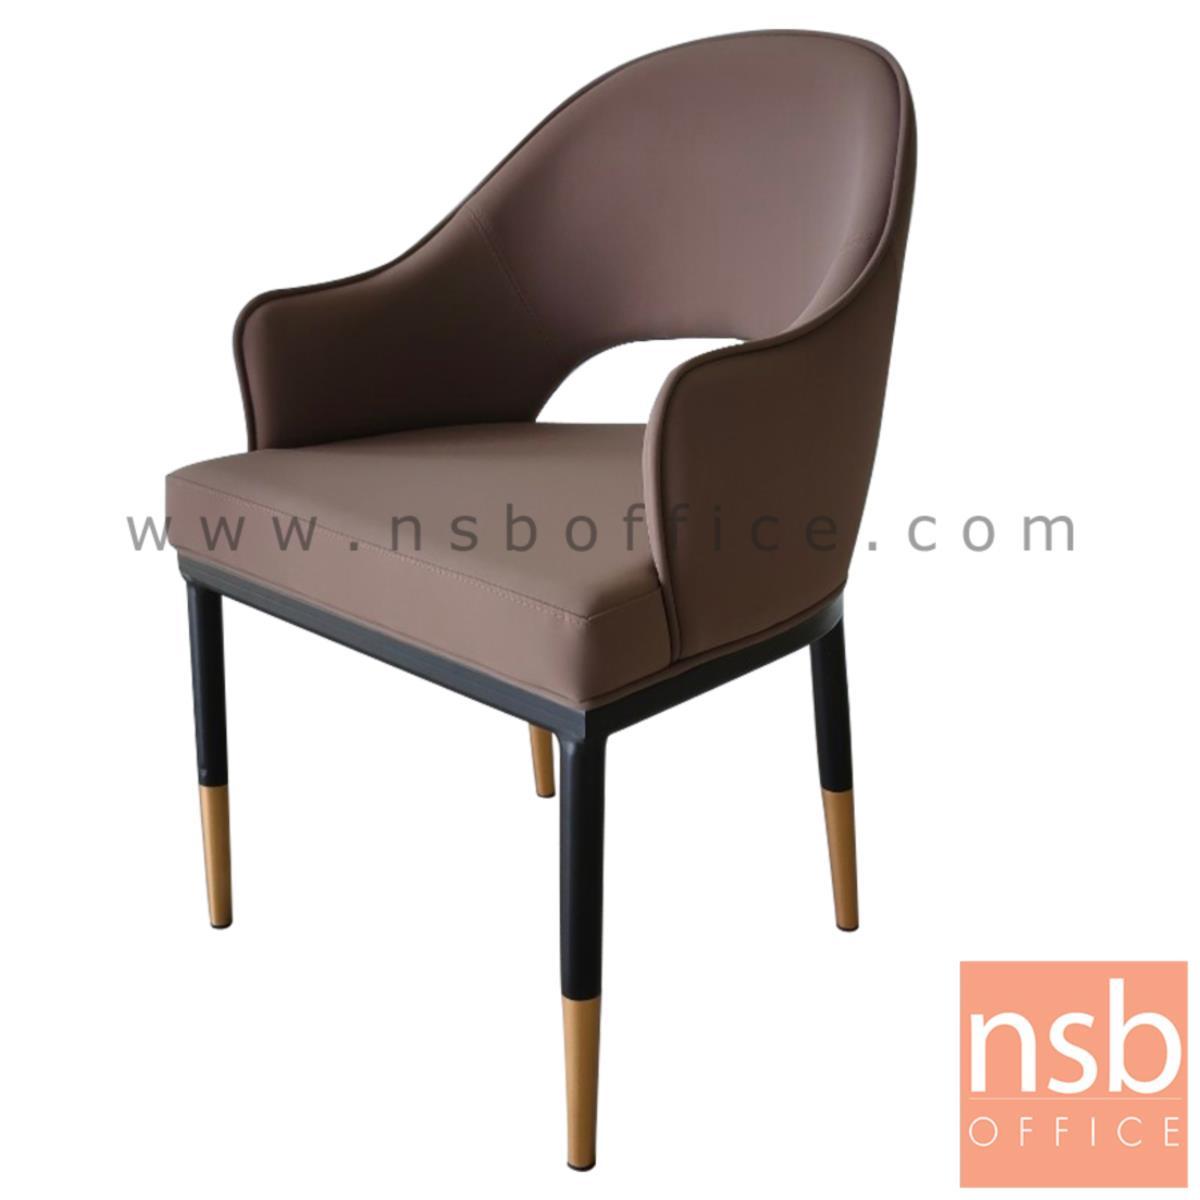 B29A370:เก้าอี้โมเดิร์นหุ้มหนัง รุ่น Venice (เวนิส)  หลังโอบ ขาเหล็กปลายขาสีทอง